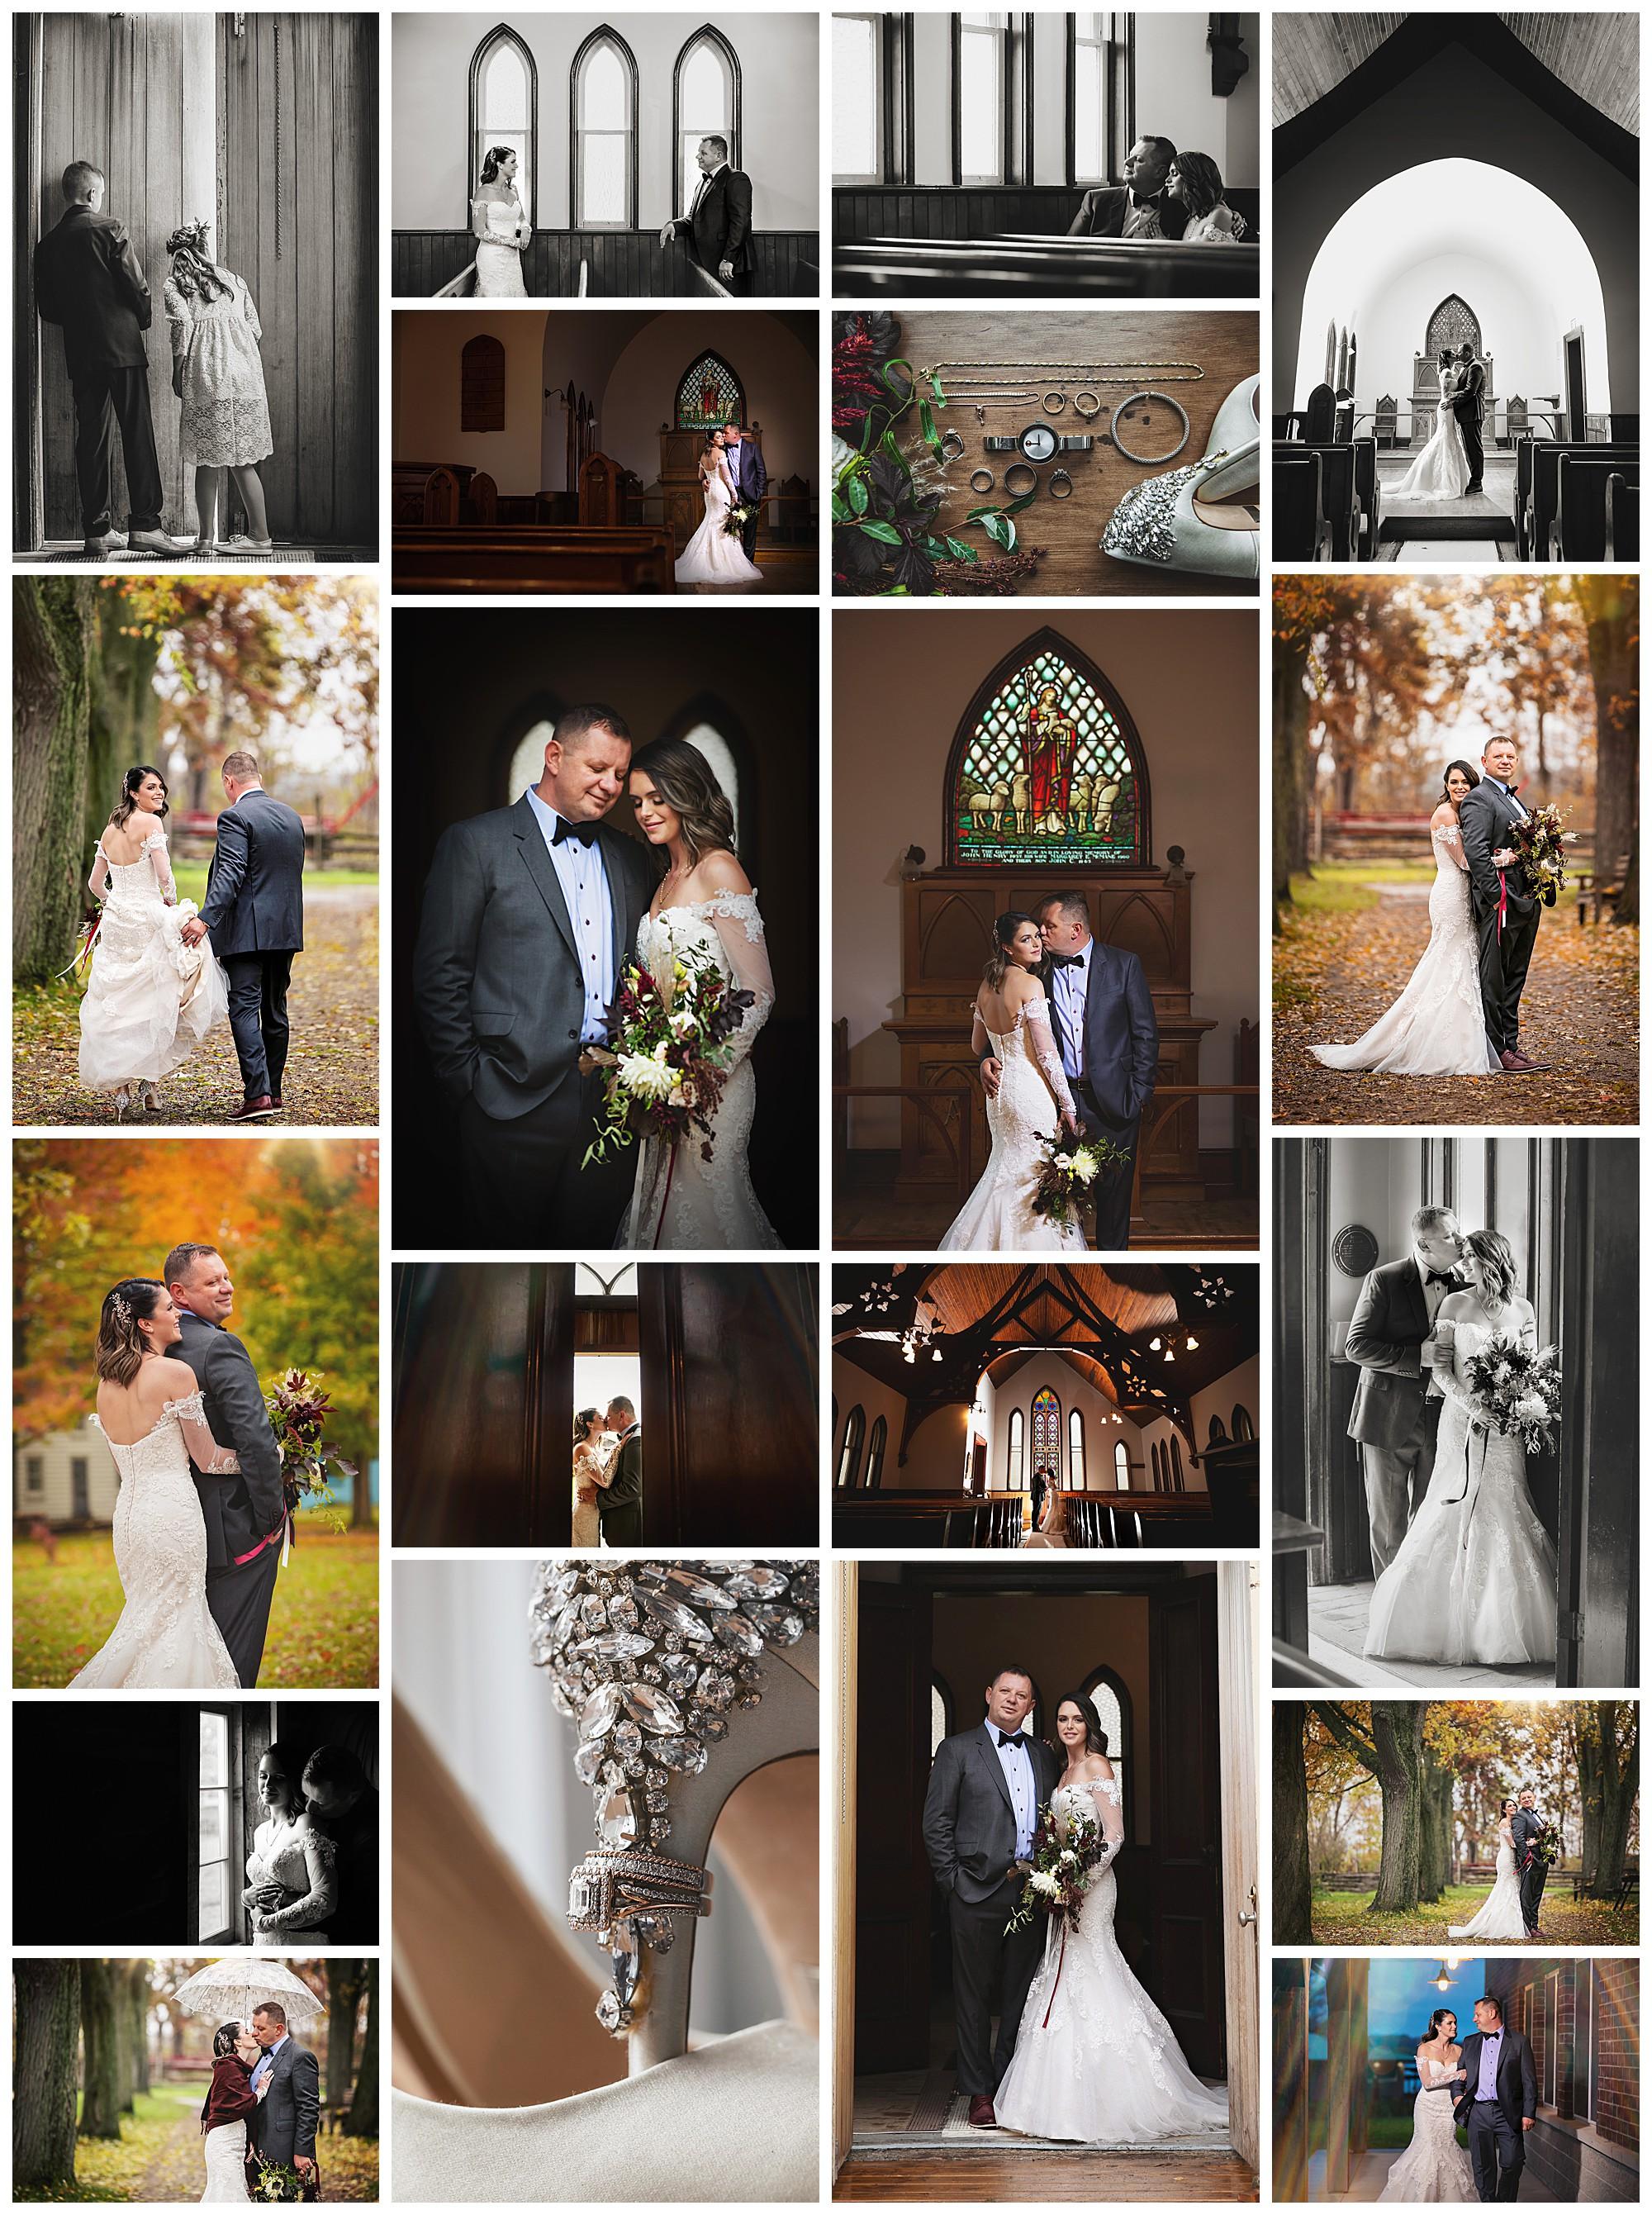 Fanshawe Pioneer Village, London, Ontario wedding photography by VanDaele & Russell